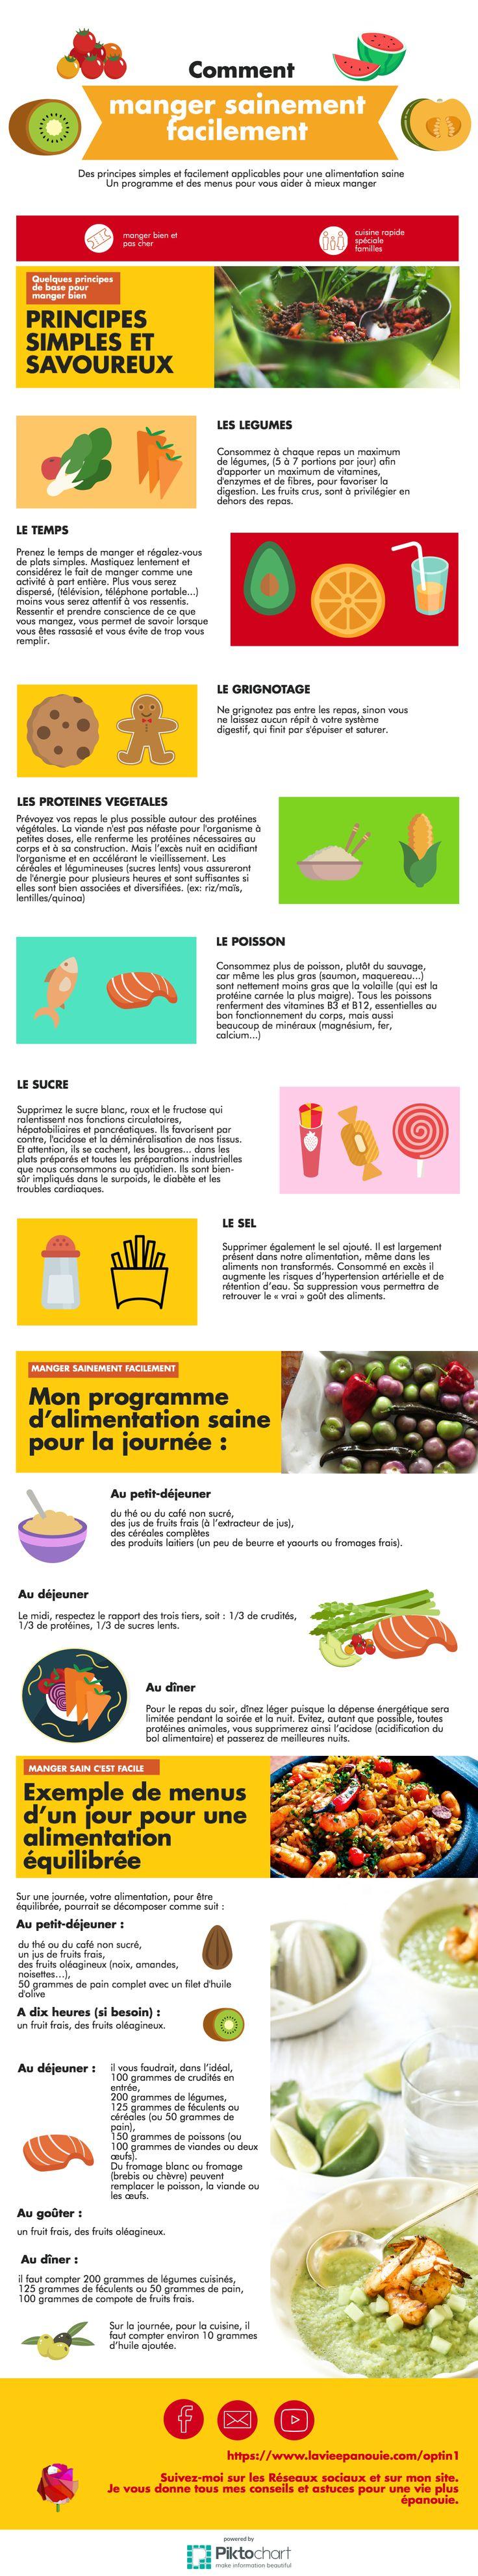 Les 25 meilleures id es de la cat gorie comment bien manger sur pinterest conseils pour - Menu pour manger sainement ...